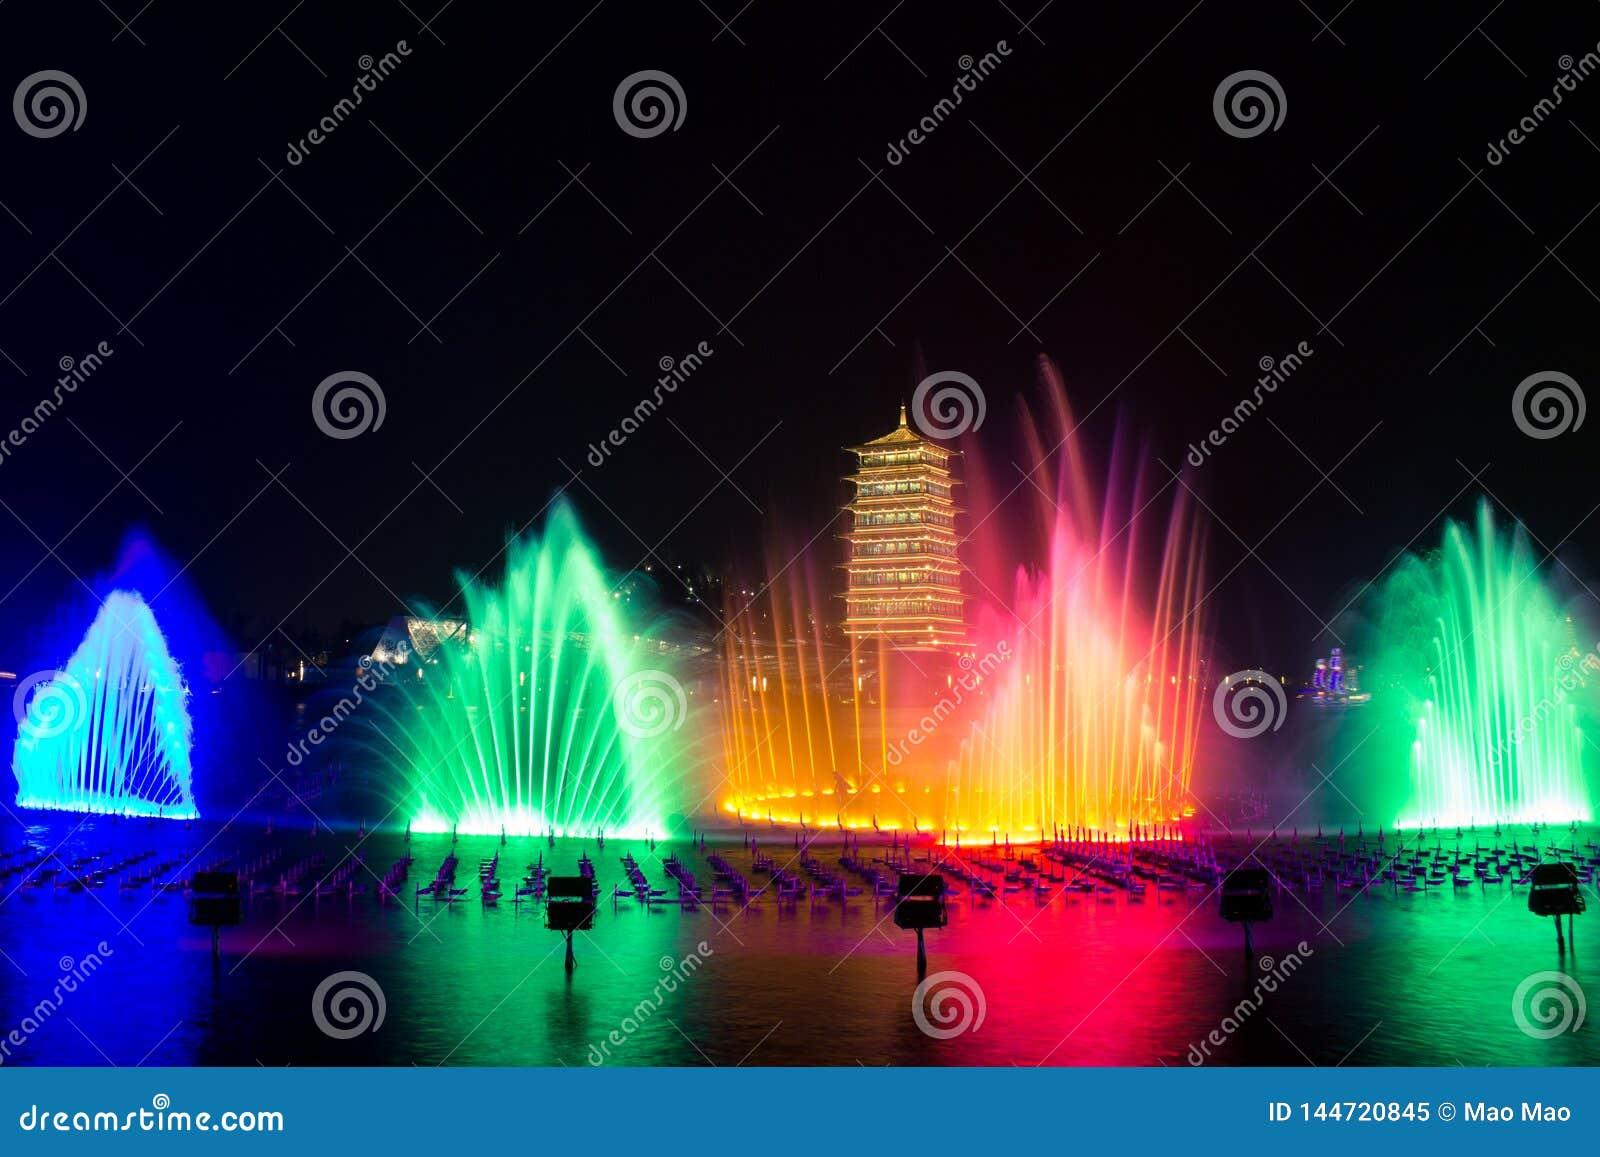 """Changan πύργος Αυτό είναι ΧΙ """"μια διεθνής φυτοκομική περιοχή EXPO, changan πύργος Τουριστικό θέρετρο"""